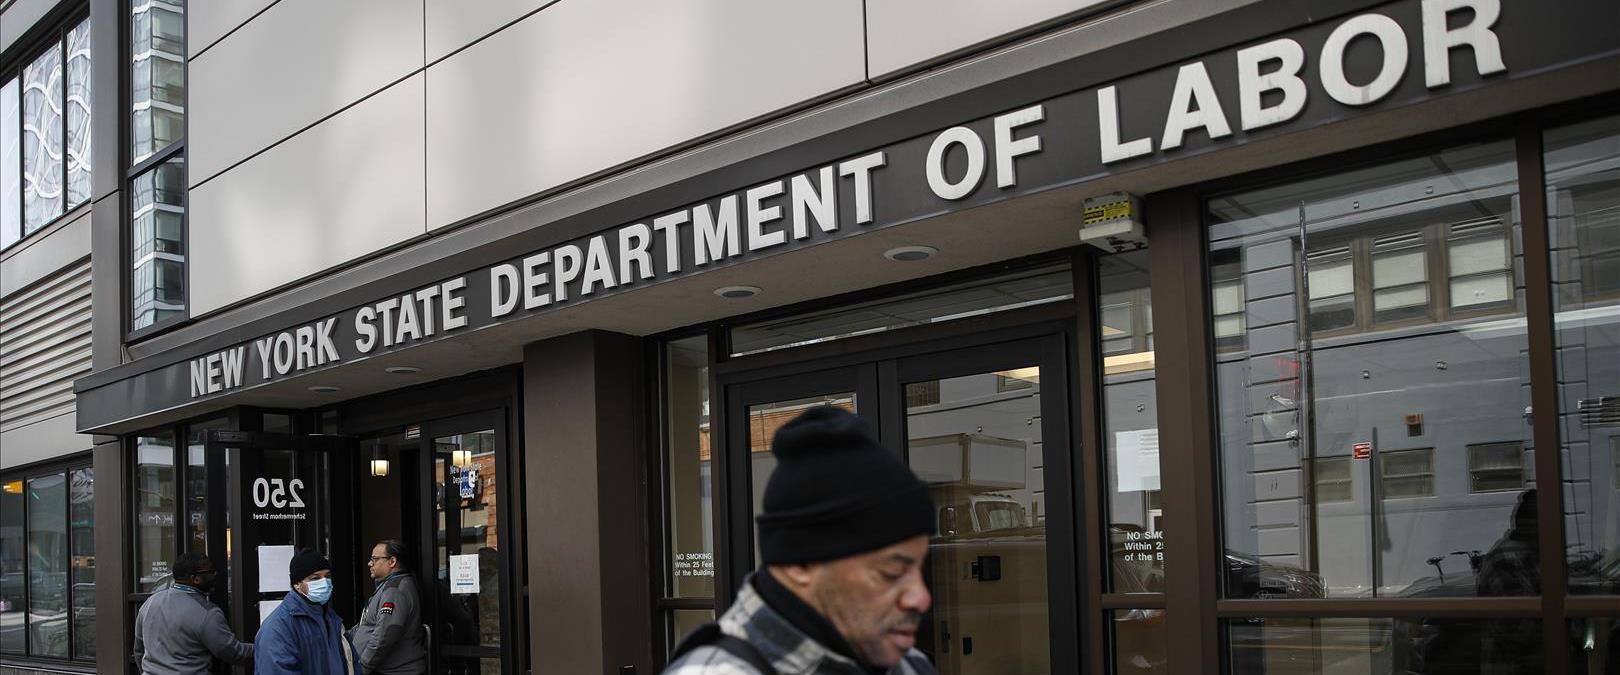 תור לדמי אבטלה בניו יורק